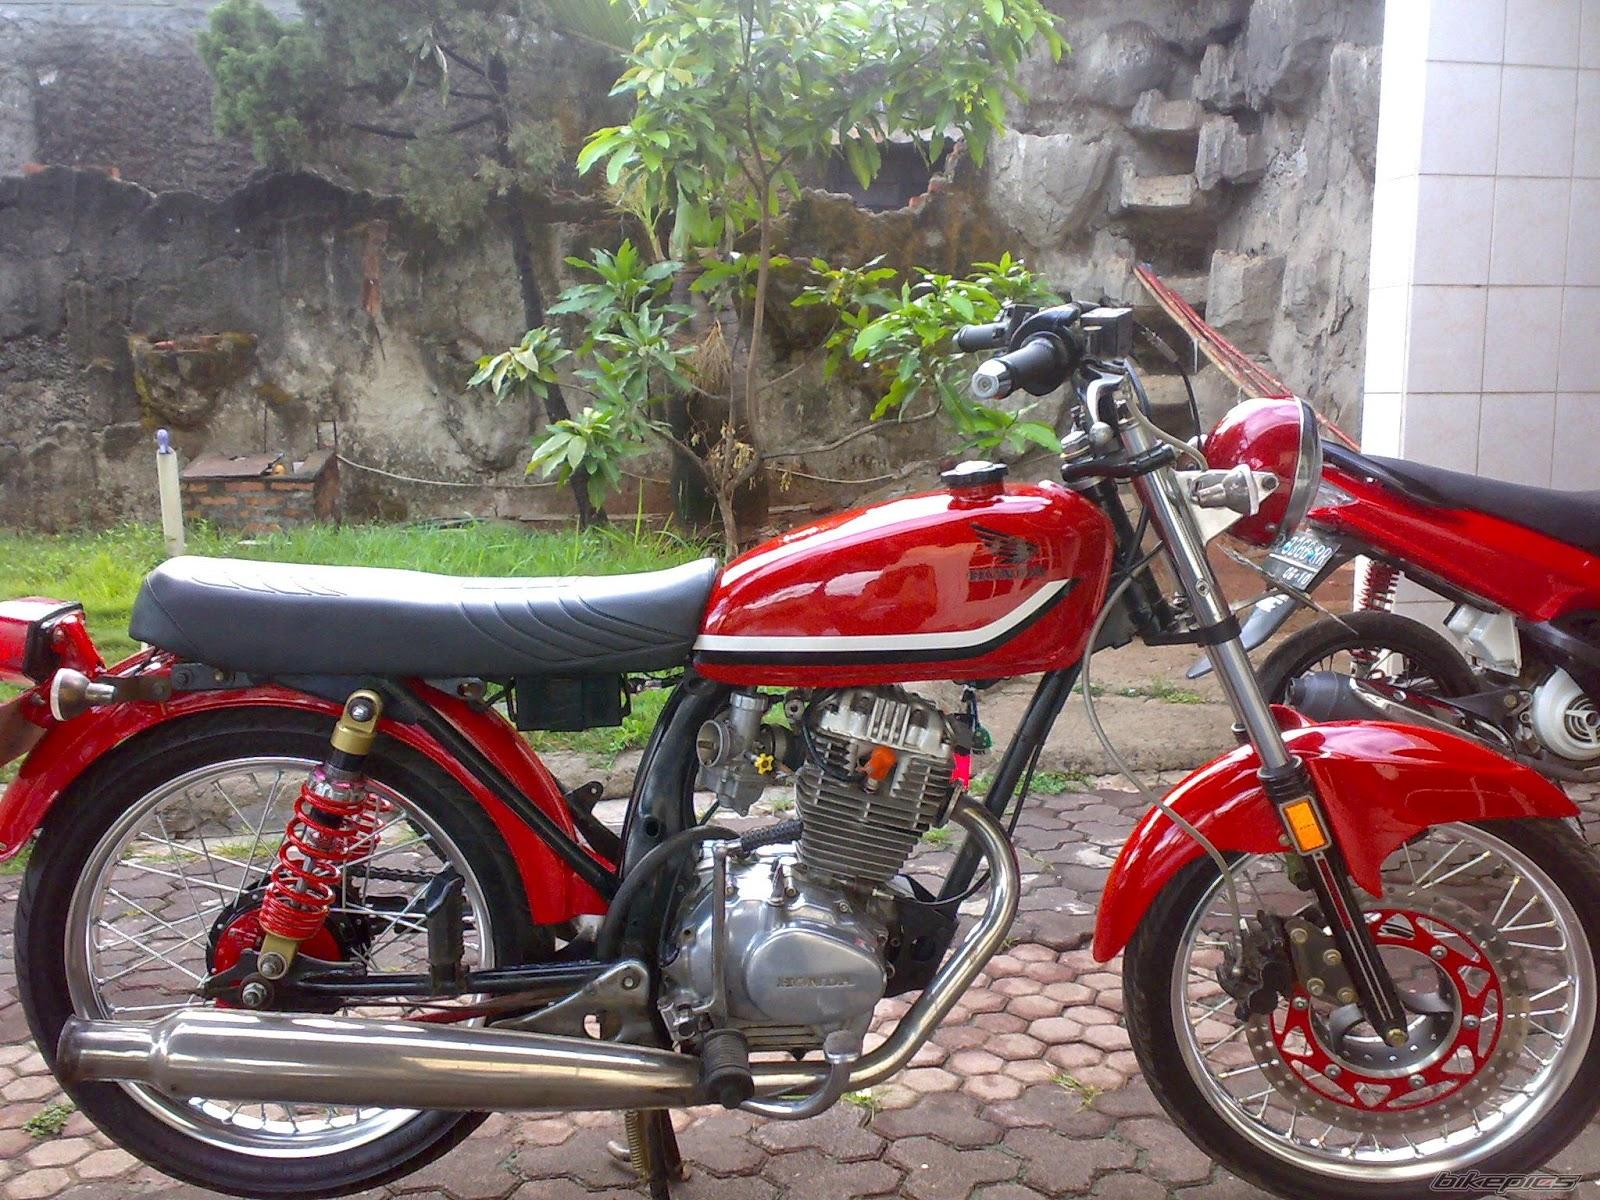 107 Modifikasi Motor Cb 100 Keren Modifikasi Motor Honda CB Terbaru